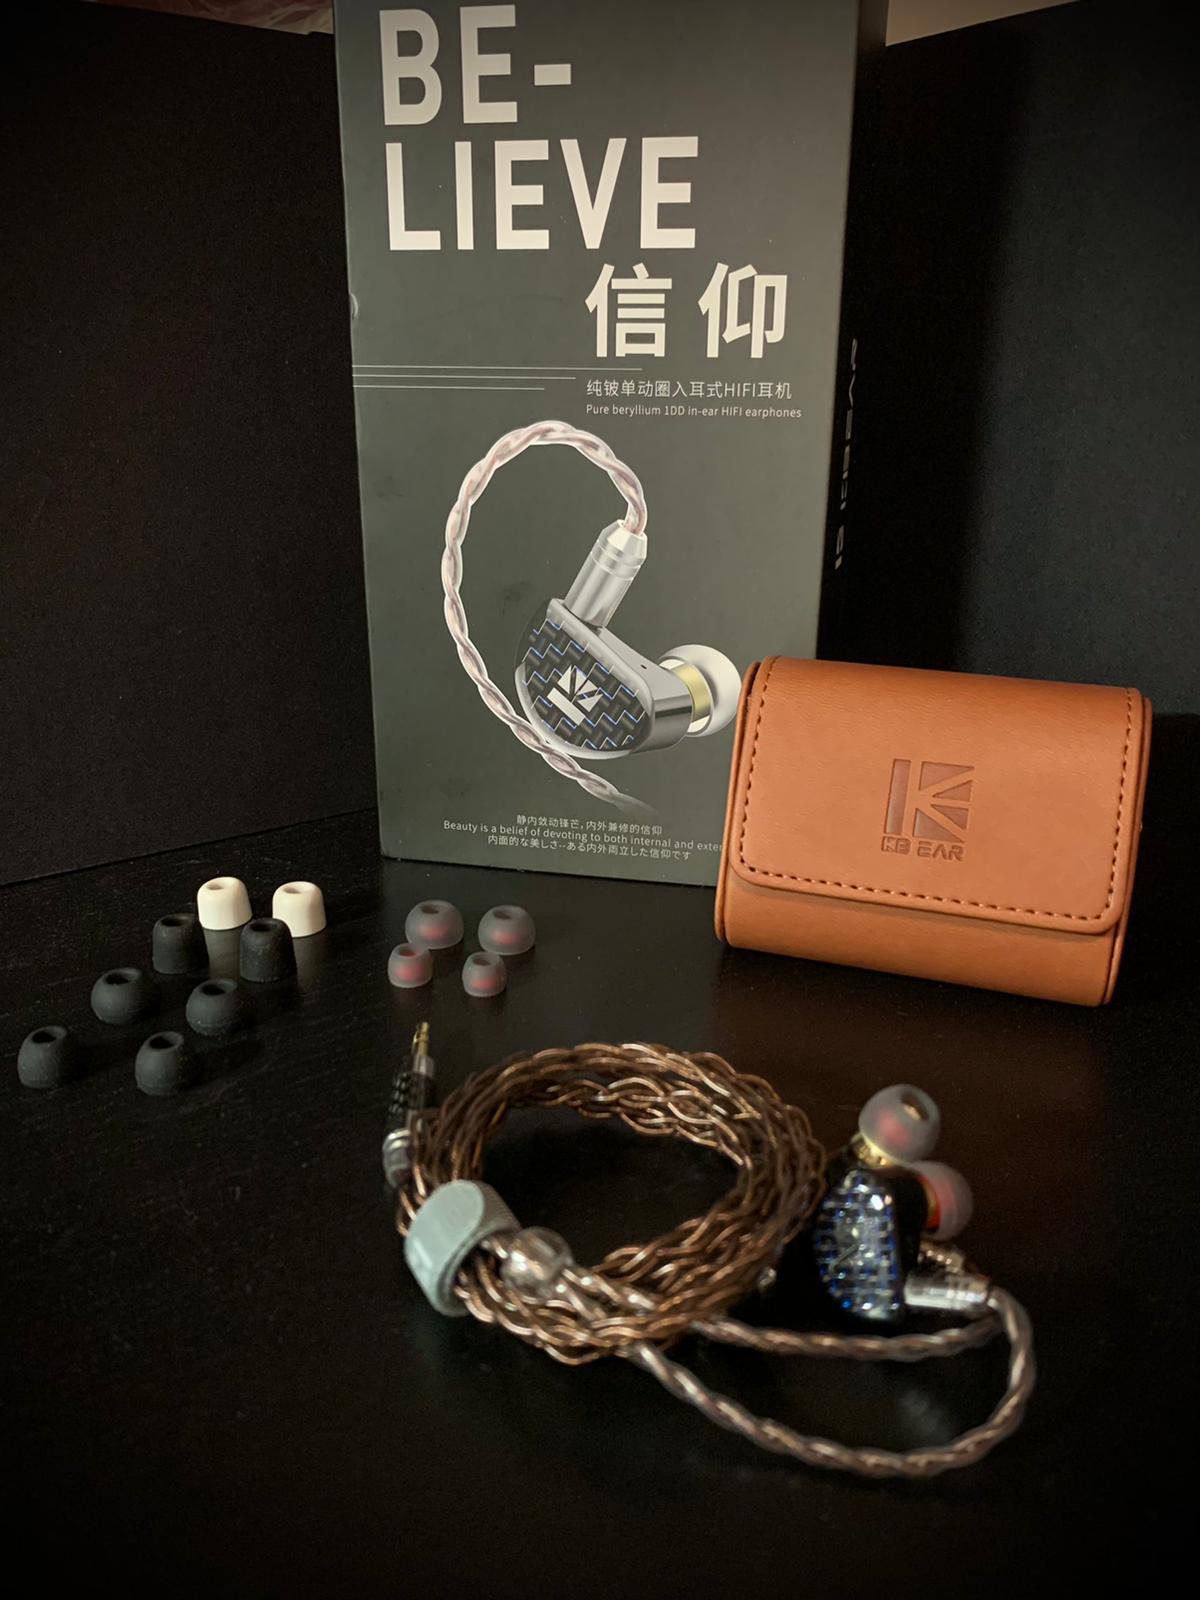 KBEAR BElieve accessories (1).jpeg